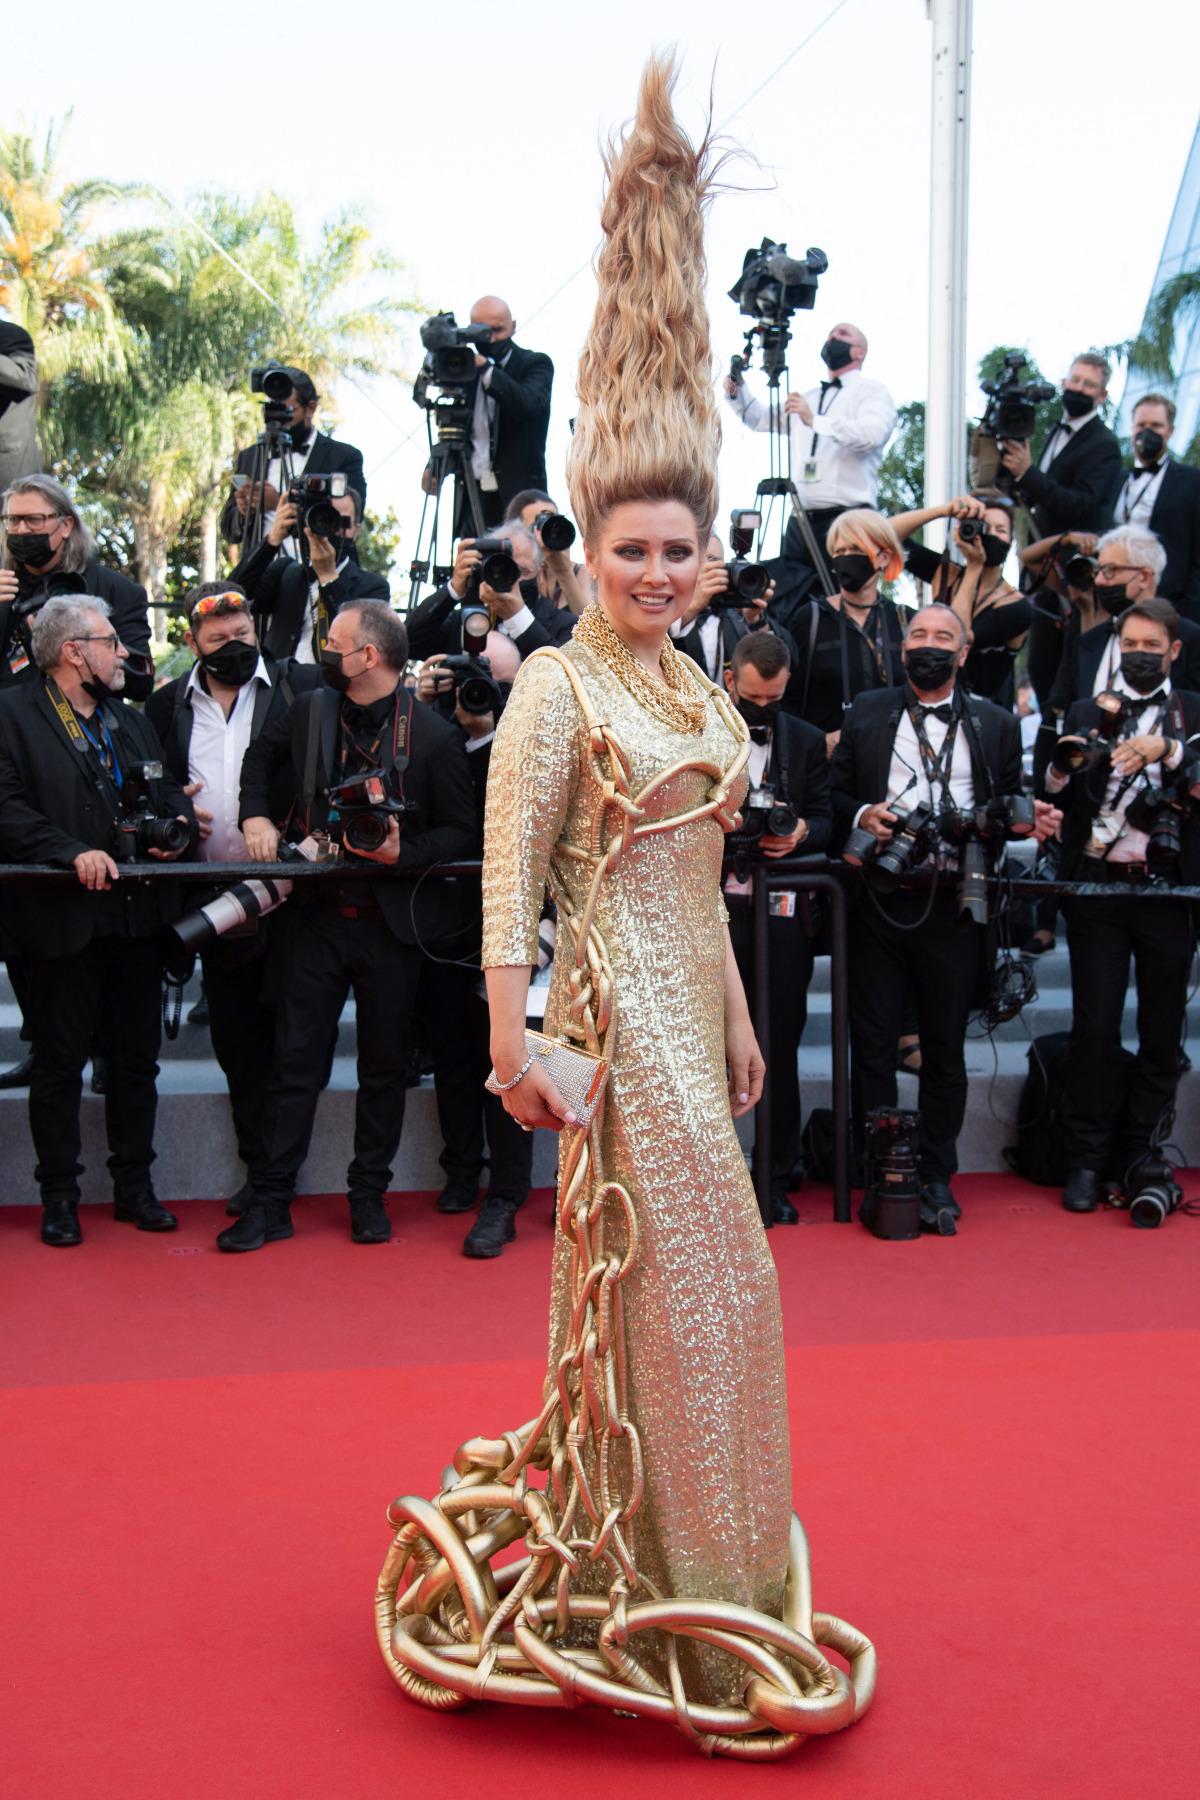 Elena Lenina - 'dị nhân' thảm đỏ Cannes - Ảnh 4